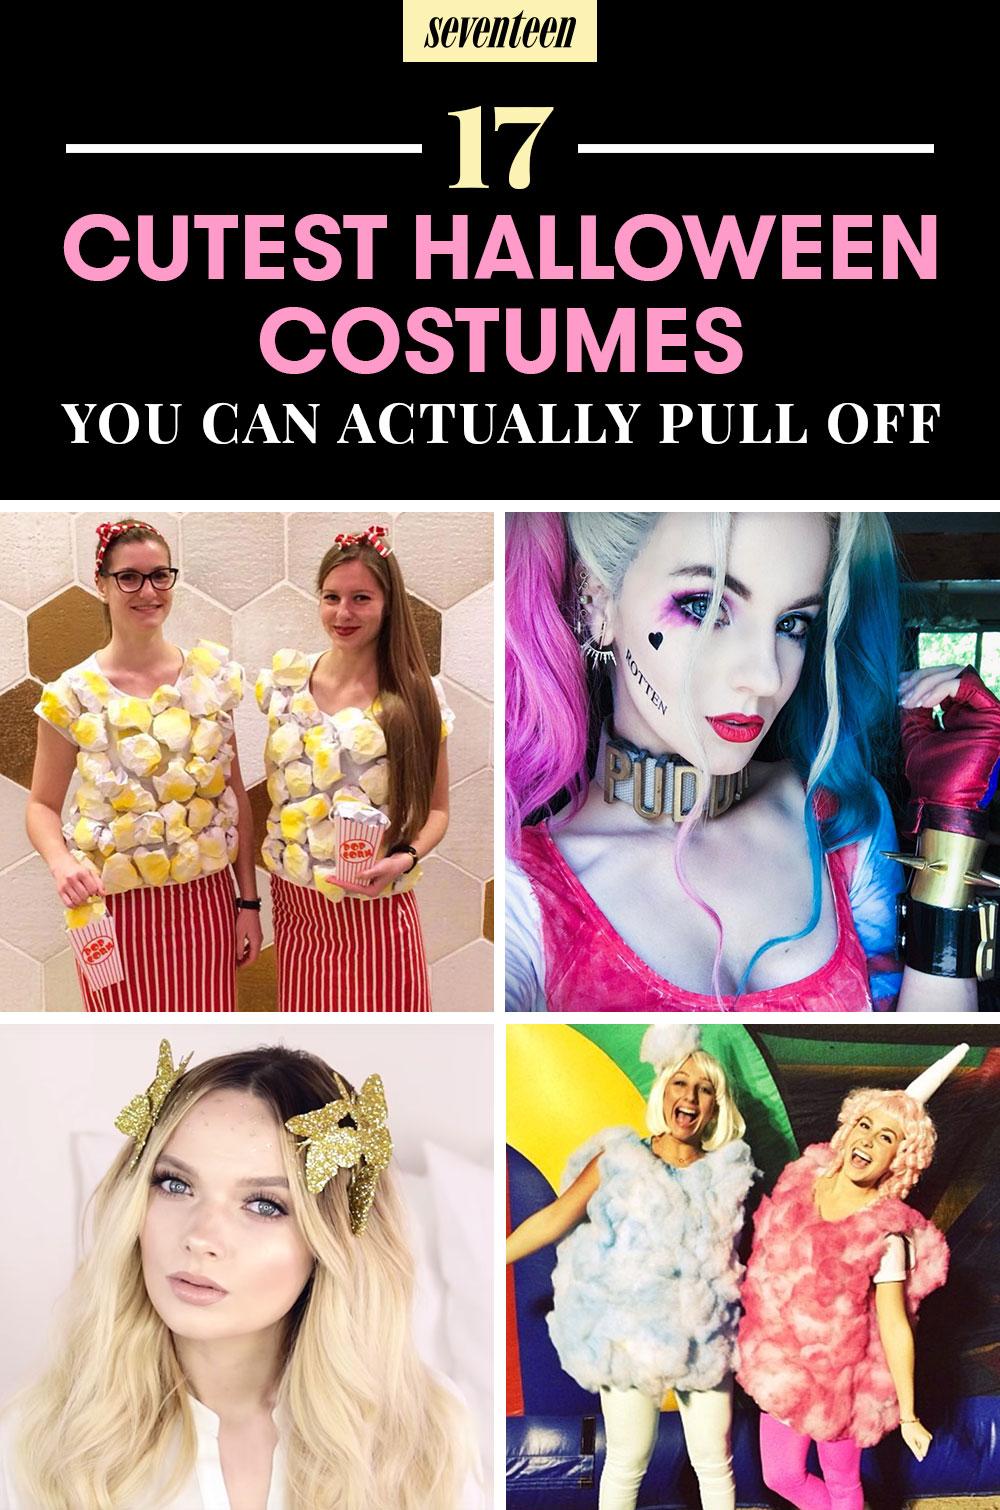 20 Best Halloween Costumes 2016  Halloween Costume Ideas - Unique Halloween Costumes 2016